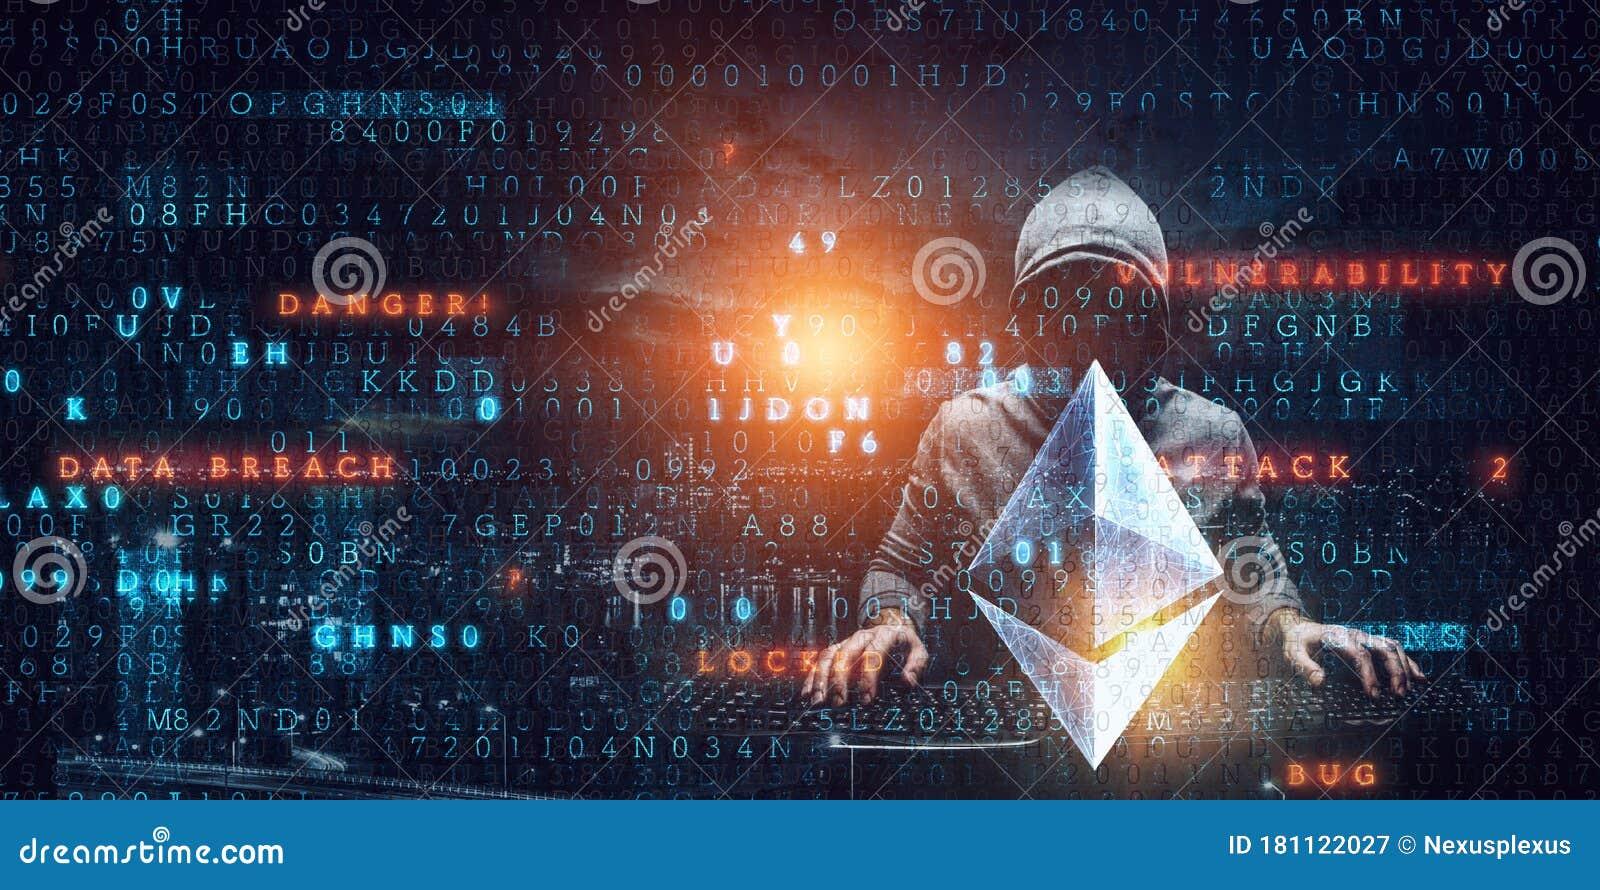 loka bitcoin login